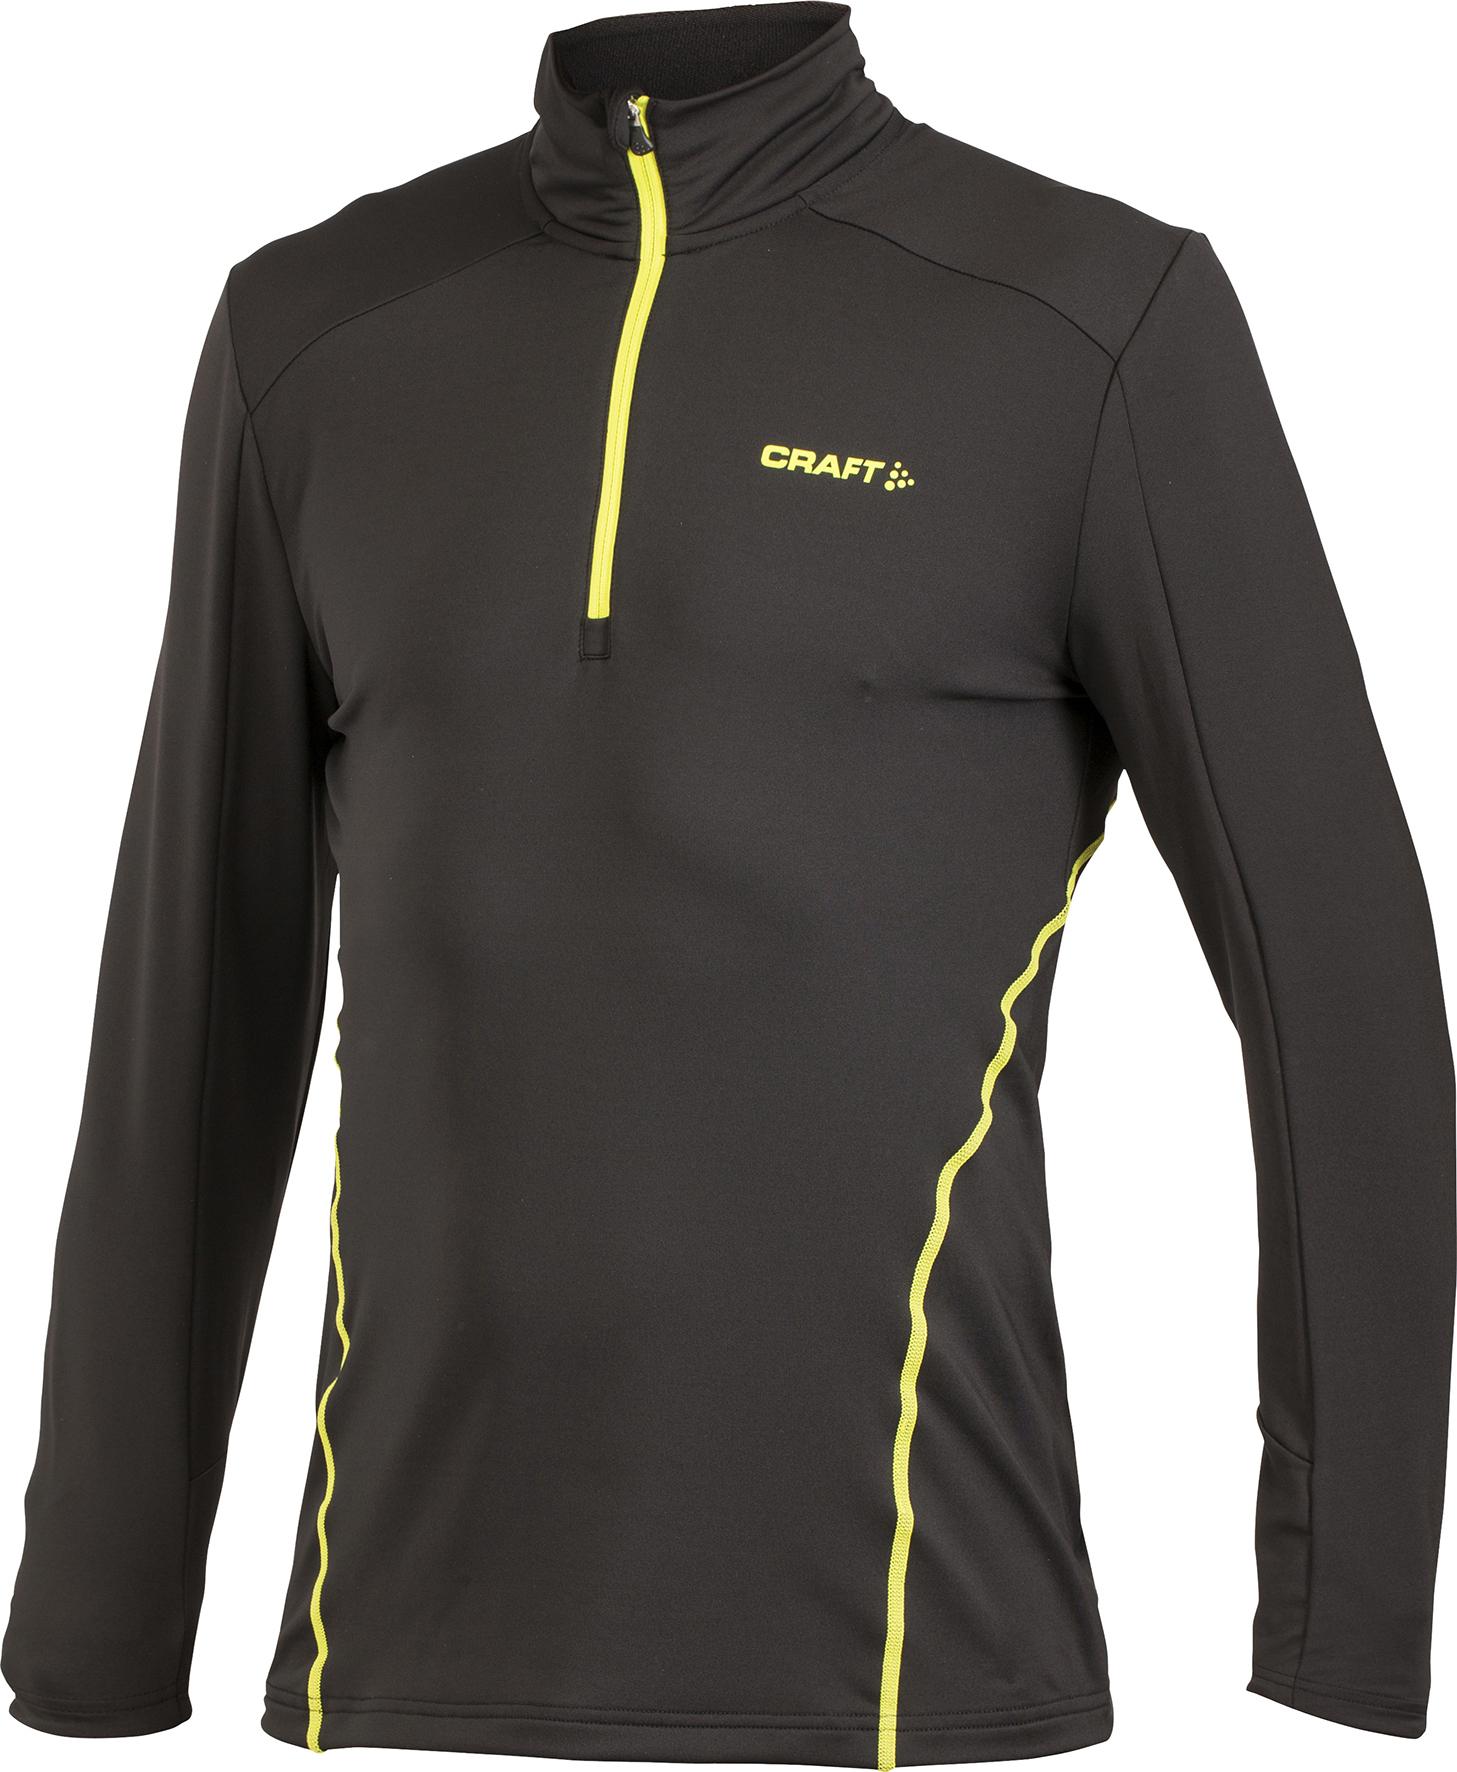 Толстовка пуловер Craft Lightweight мужская черно-желтая